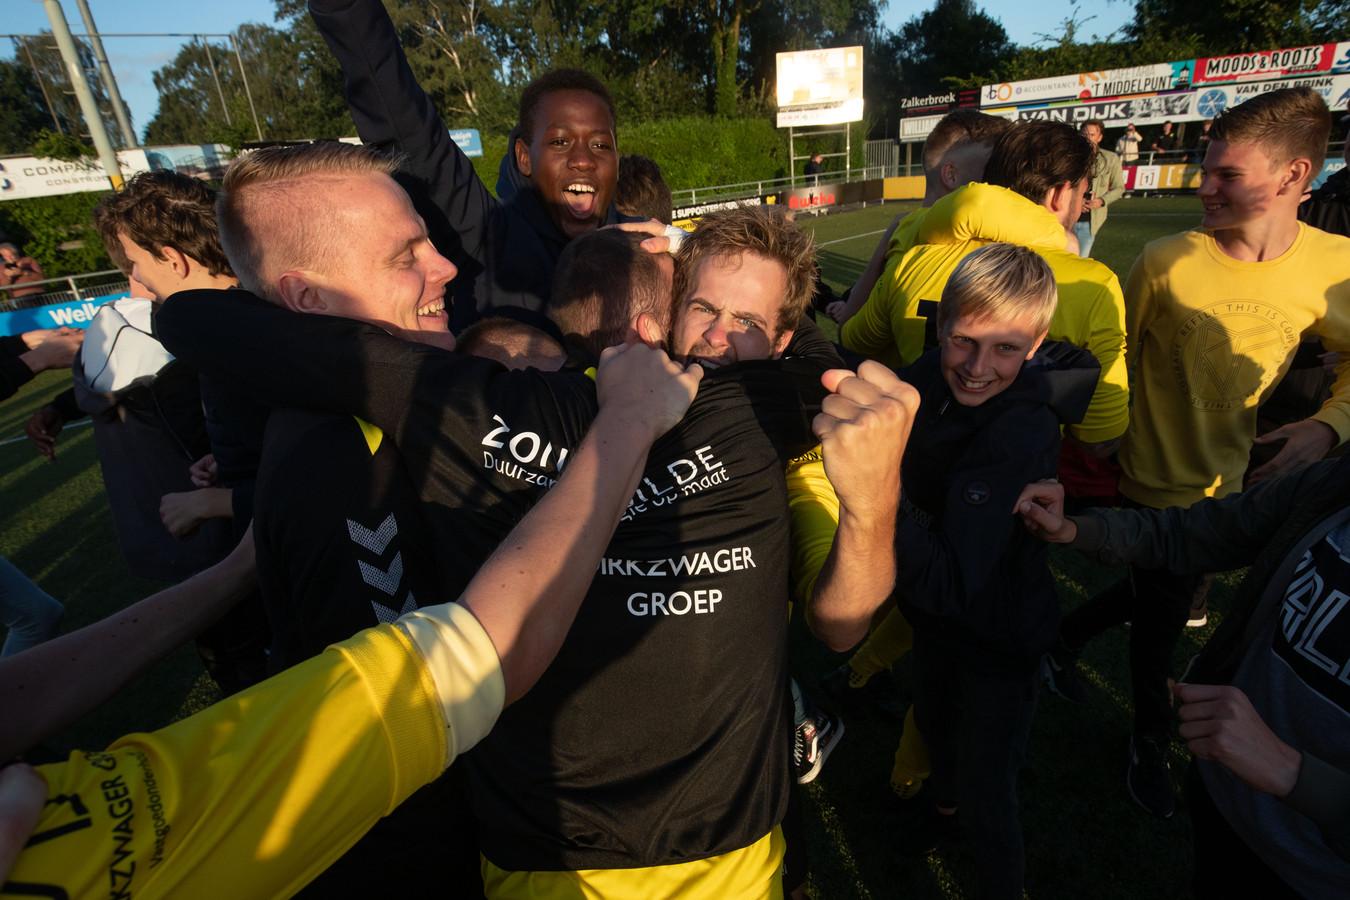 De derby tussen DOS Kampen en Go Ahead Kampen is inmiddels in volle gang. Hebben de spelers van DOS na afloop opnieuw een reden voor een feestje?